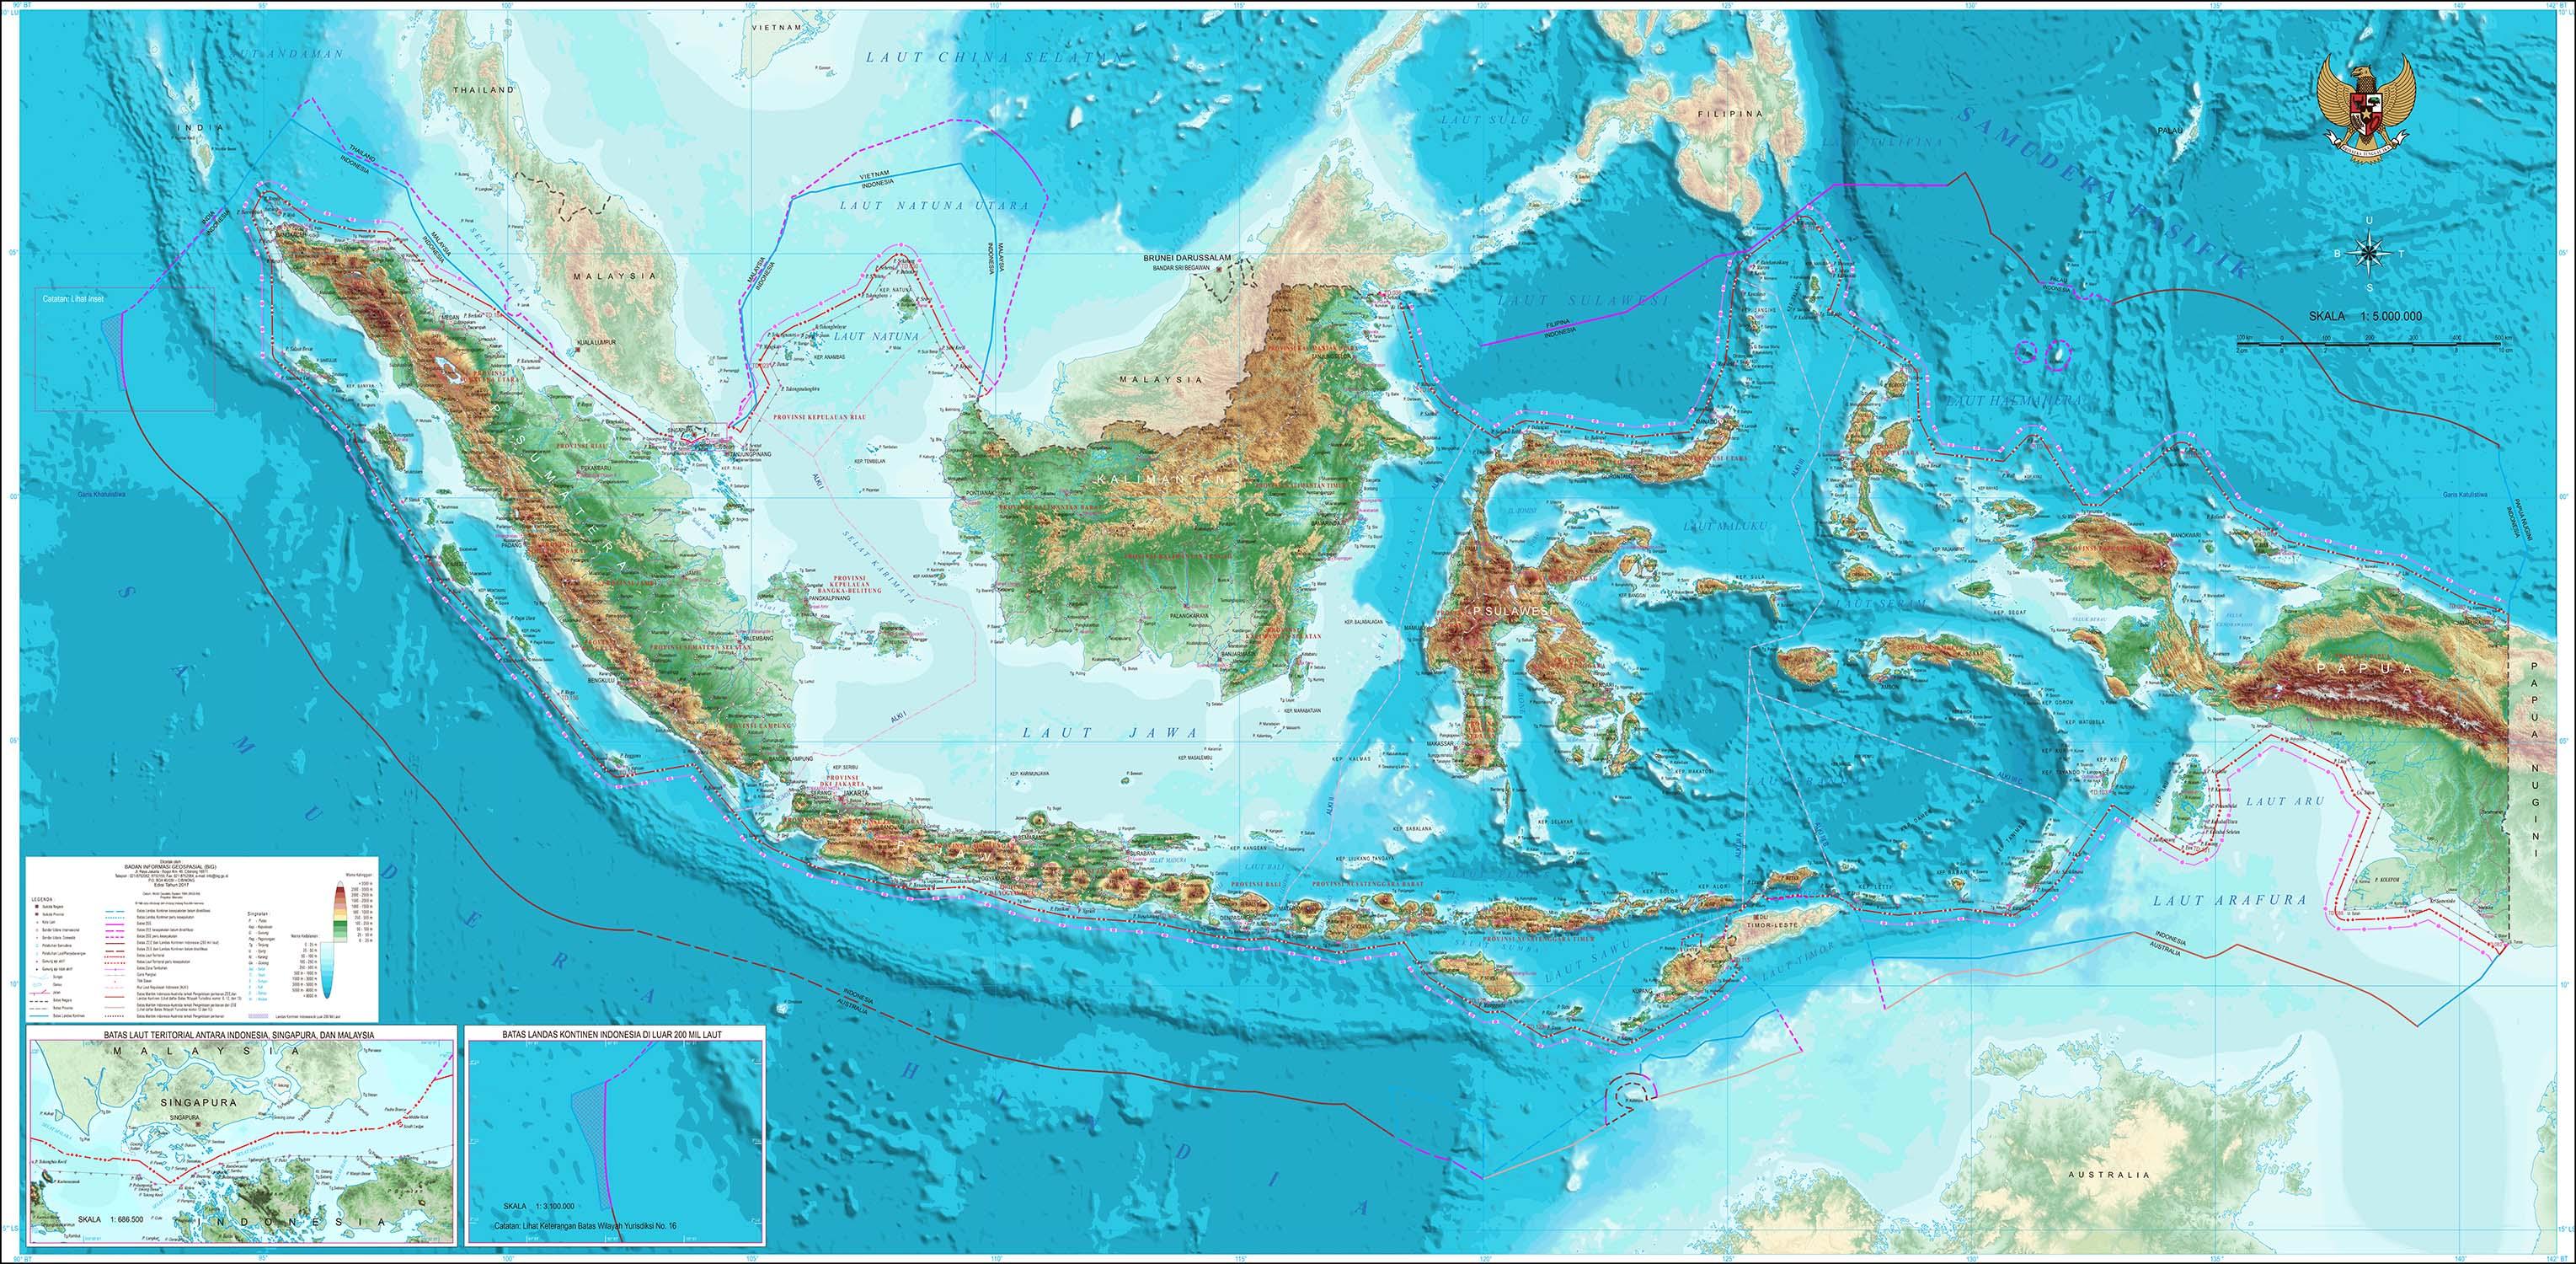 Jual Peta Indonesia Ukuran Besar